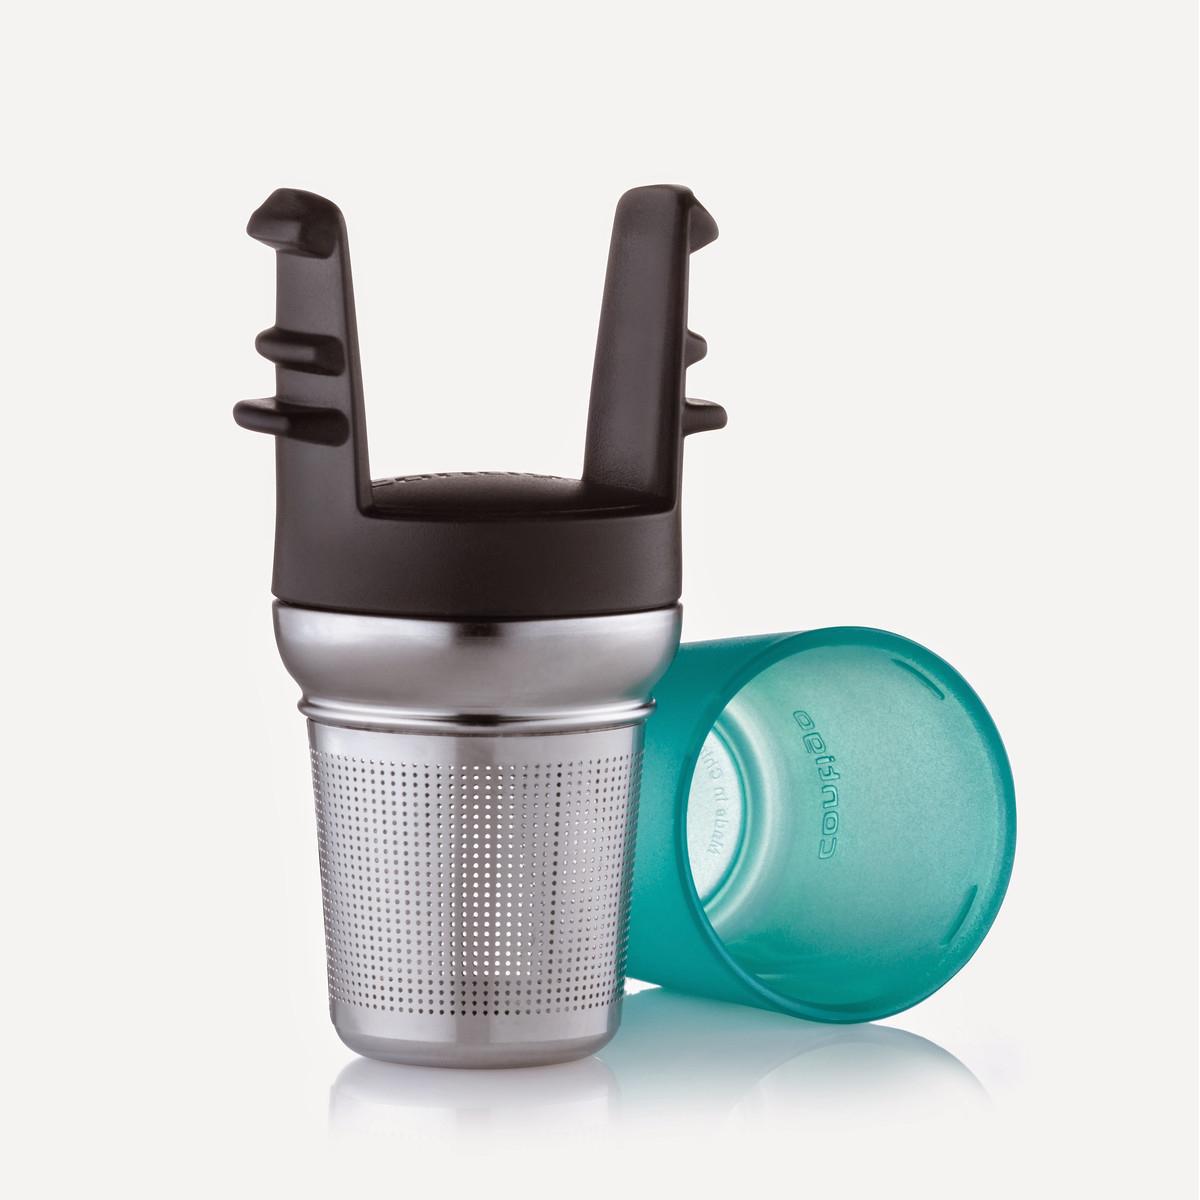 Ситечко для заваривания чая Contigo, для кружек серии West Loop647002Ситечко для заваривания чая Contigo изготовлено из металла и пластика и предназначено специально для кружек Contigo серии West Loop. Ситечко прекрасно подходит для заваривания любого вида чая. Изделие очень легко использовать: просто засыпьте в ситечко заварку и опустите его в кружку. Для удобства хранения ситечко имеет пластиковую крышку, которая надежно закрывает фильтрующую часть.Стильное и функциональное ситечко станет незаменимым атрибутом чаепития.Размеры ситечка (металлической части): 6,5 х 5 х 5 см.Высота фильтрующей части: 4,5 см.Общие размеры конструкции: 10,5 х 5 х 5,7 см.